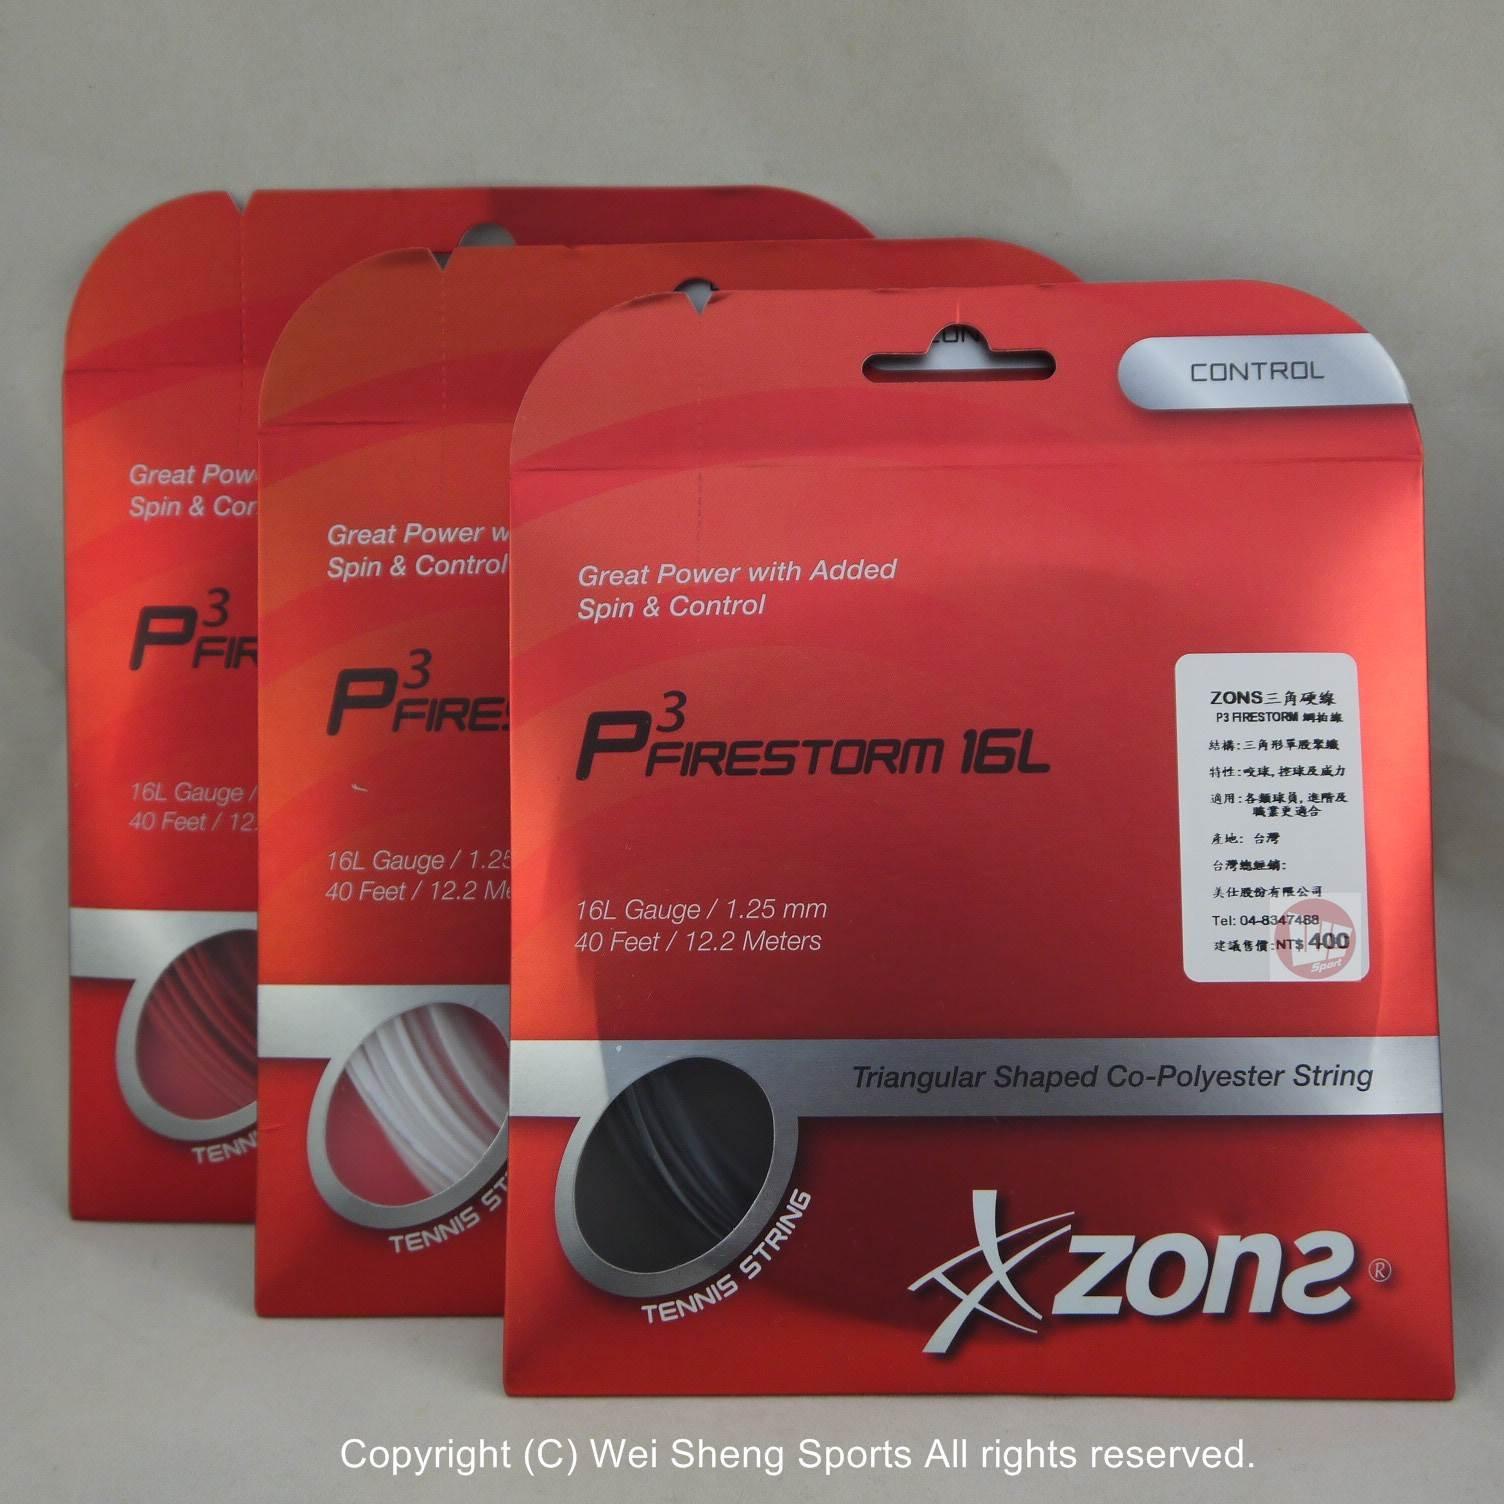 【威盛國際】ZONS 網球線 P3 Firestorm 16L 三角硬線